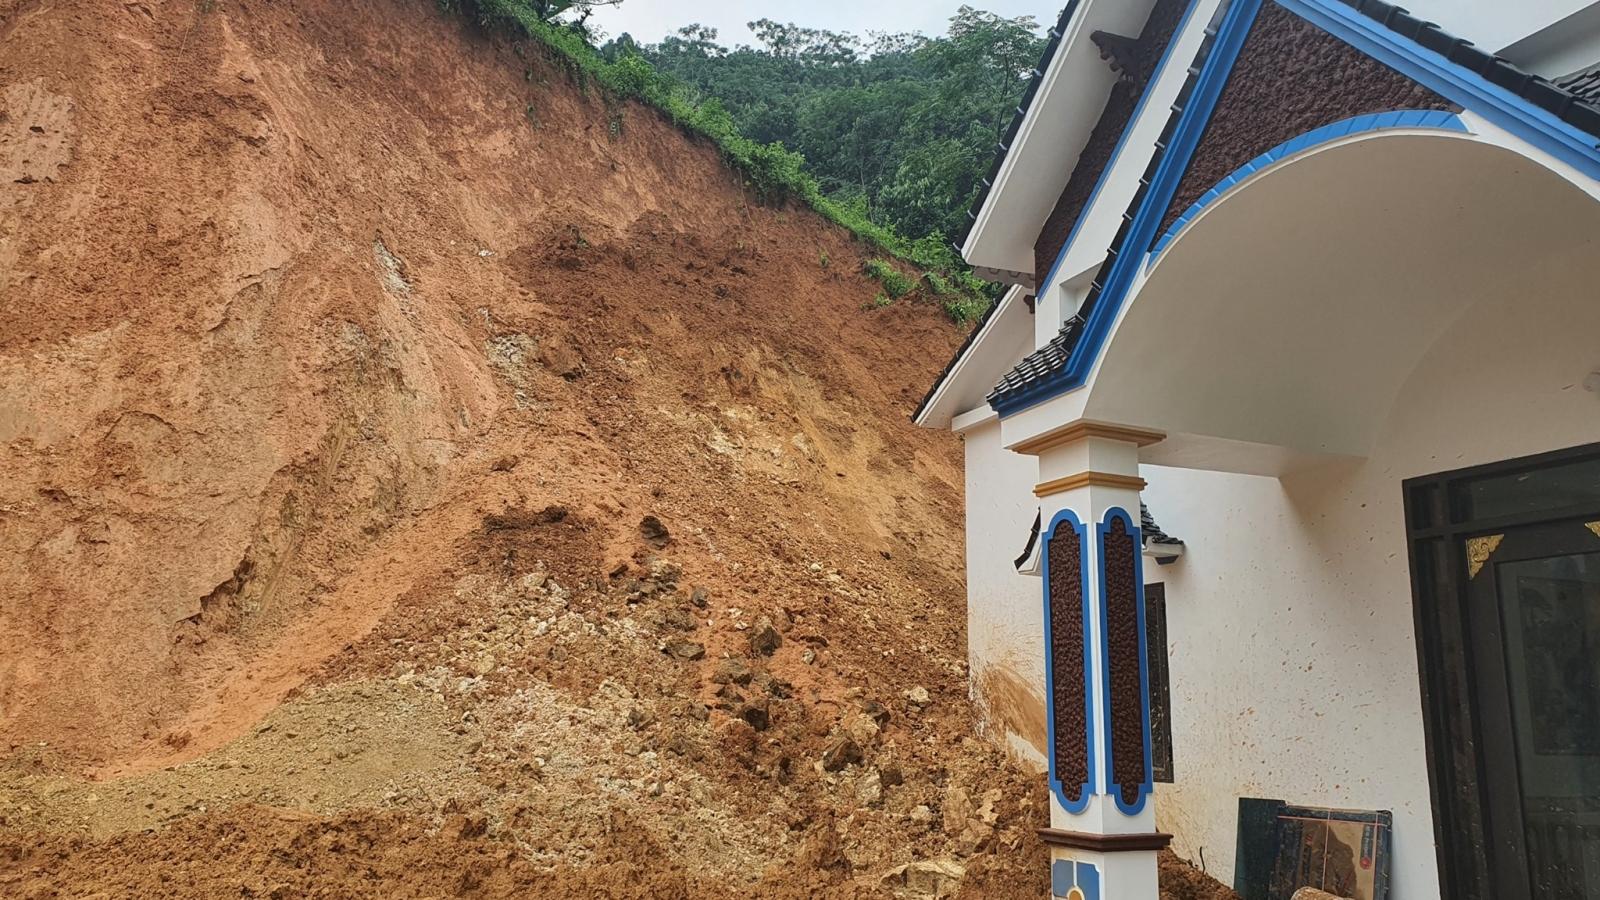 Hơn 60 ngôi nhà ở Yên Bái bị thiệt hại do hoàn lưu bão số 8